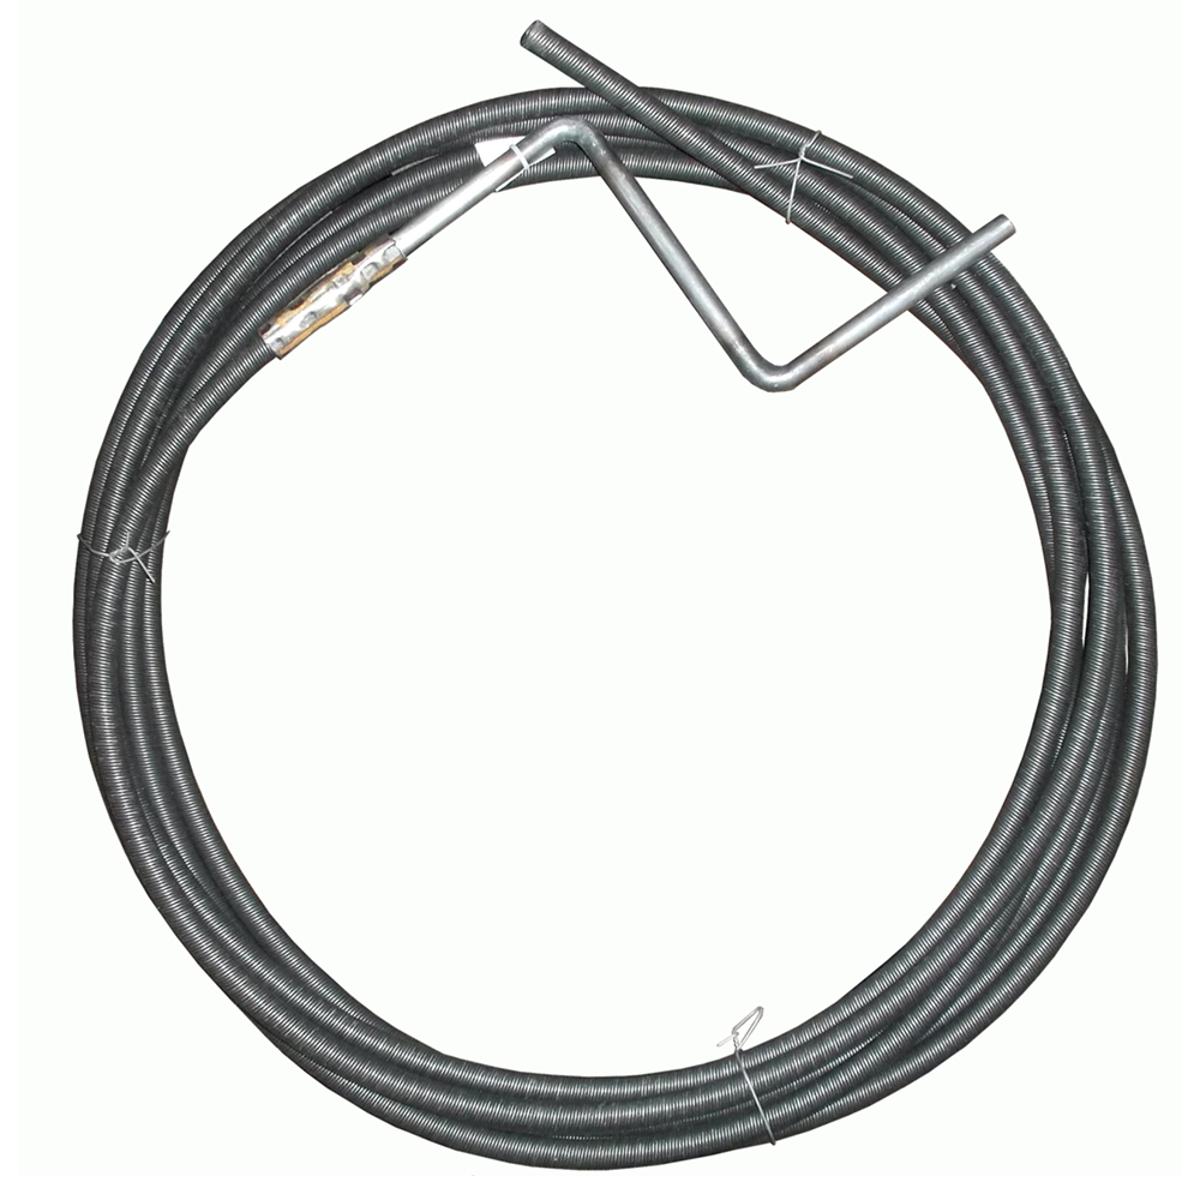 Трос пружинный для прочистки канализационных труб 9мм х 10 м МастерПроф19201Трос пружинный предназначен для прочистки канализационных труб.Диаметр: 9 мм.Длина 10 метров.